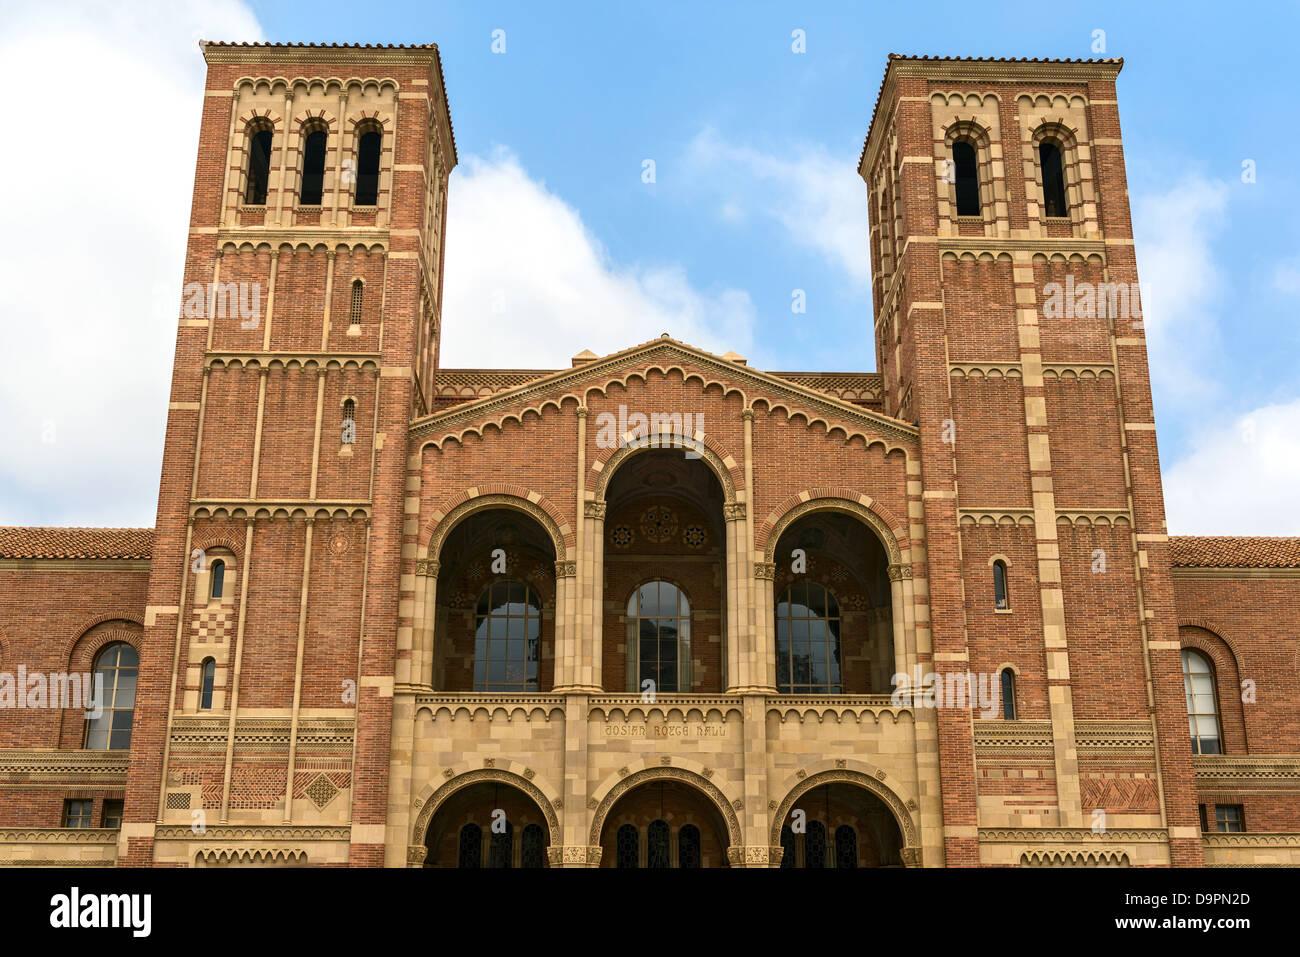 El famoso Royce Hall de la UCLA, la Universidad de California, Los Ángeles. Foto de stock